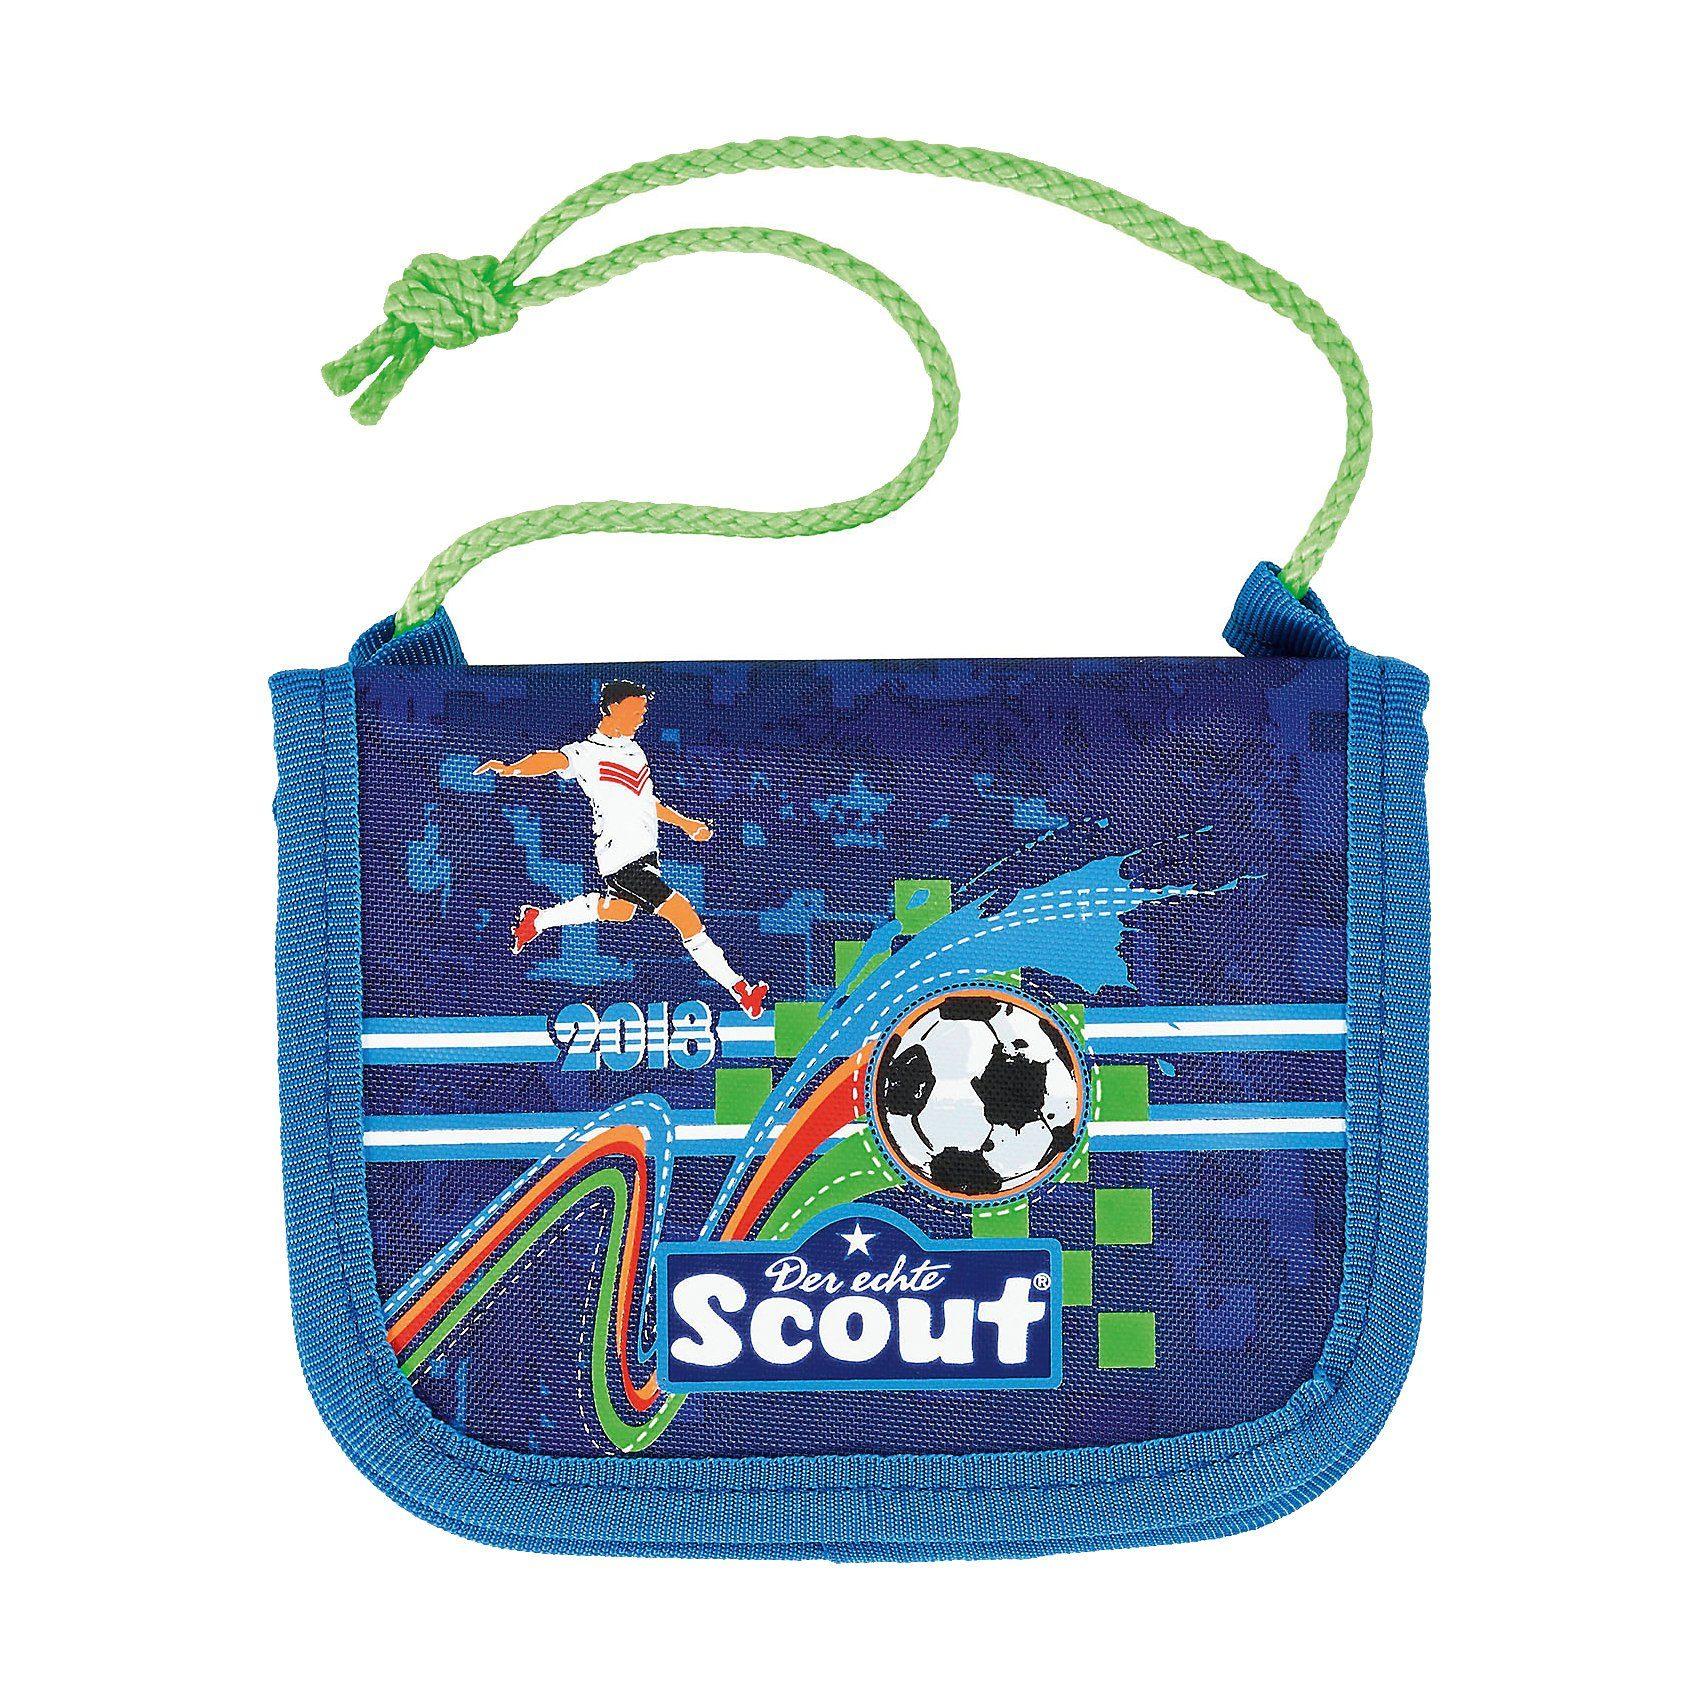 Scout Brustbeutel III Ltd. Ed. World Cup (Kollektion 2018)